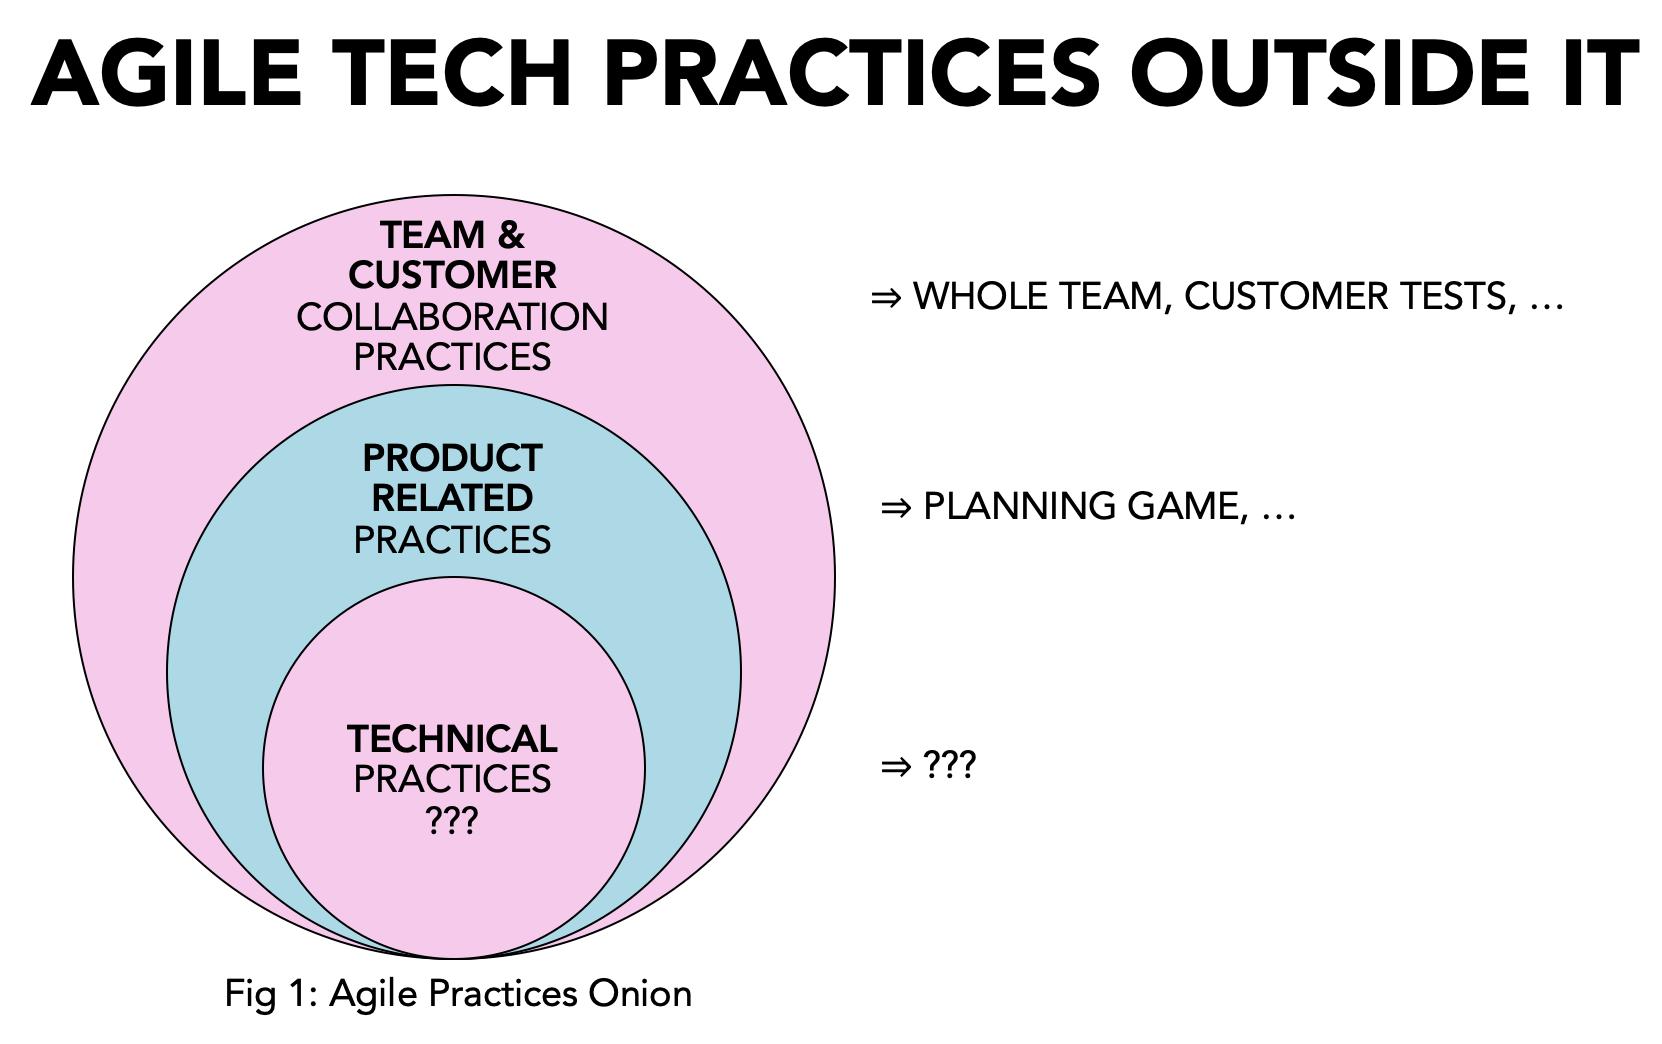 Agile Tech Practices Outside IT